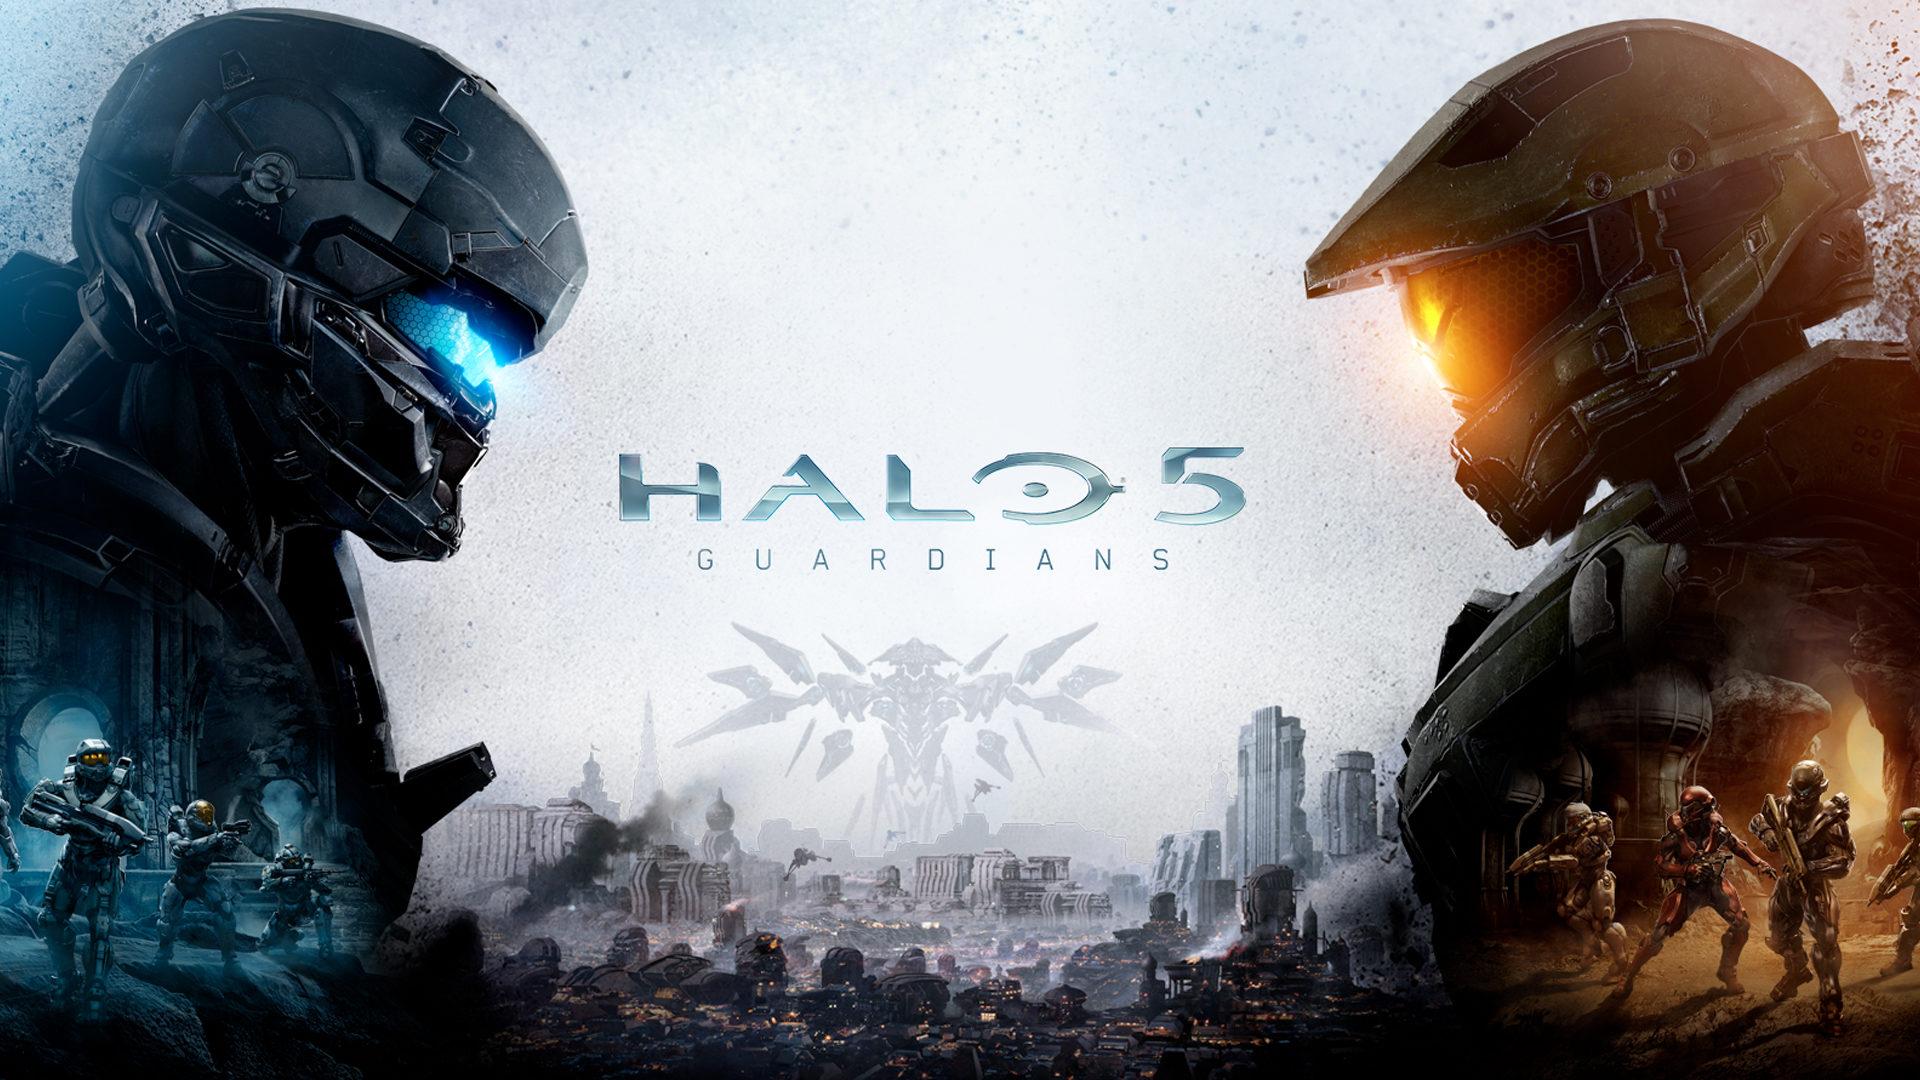 Halo 5: Forge per Windows 10, sono stati spiegati i requisiti